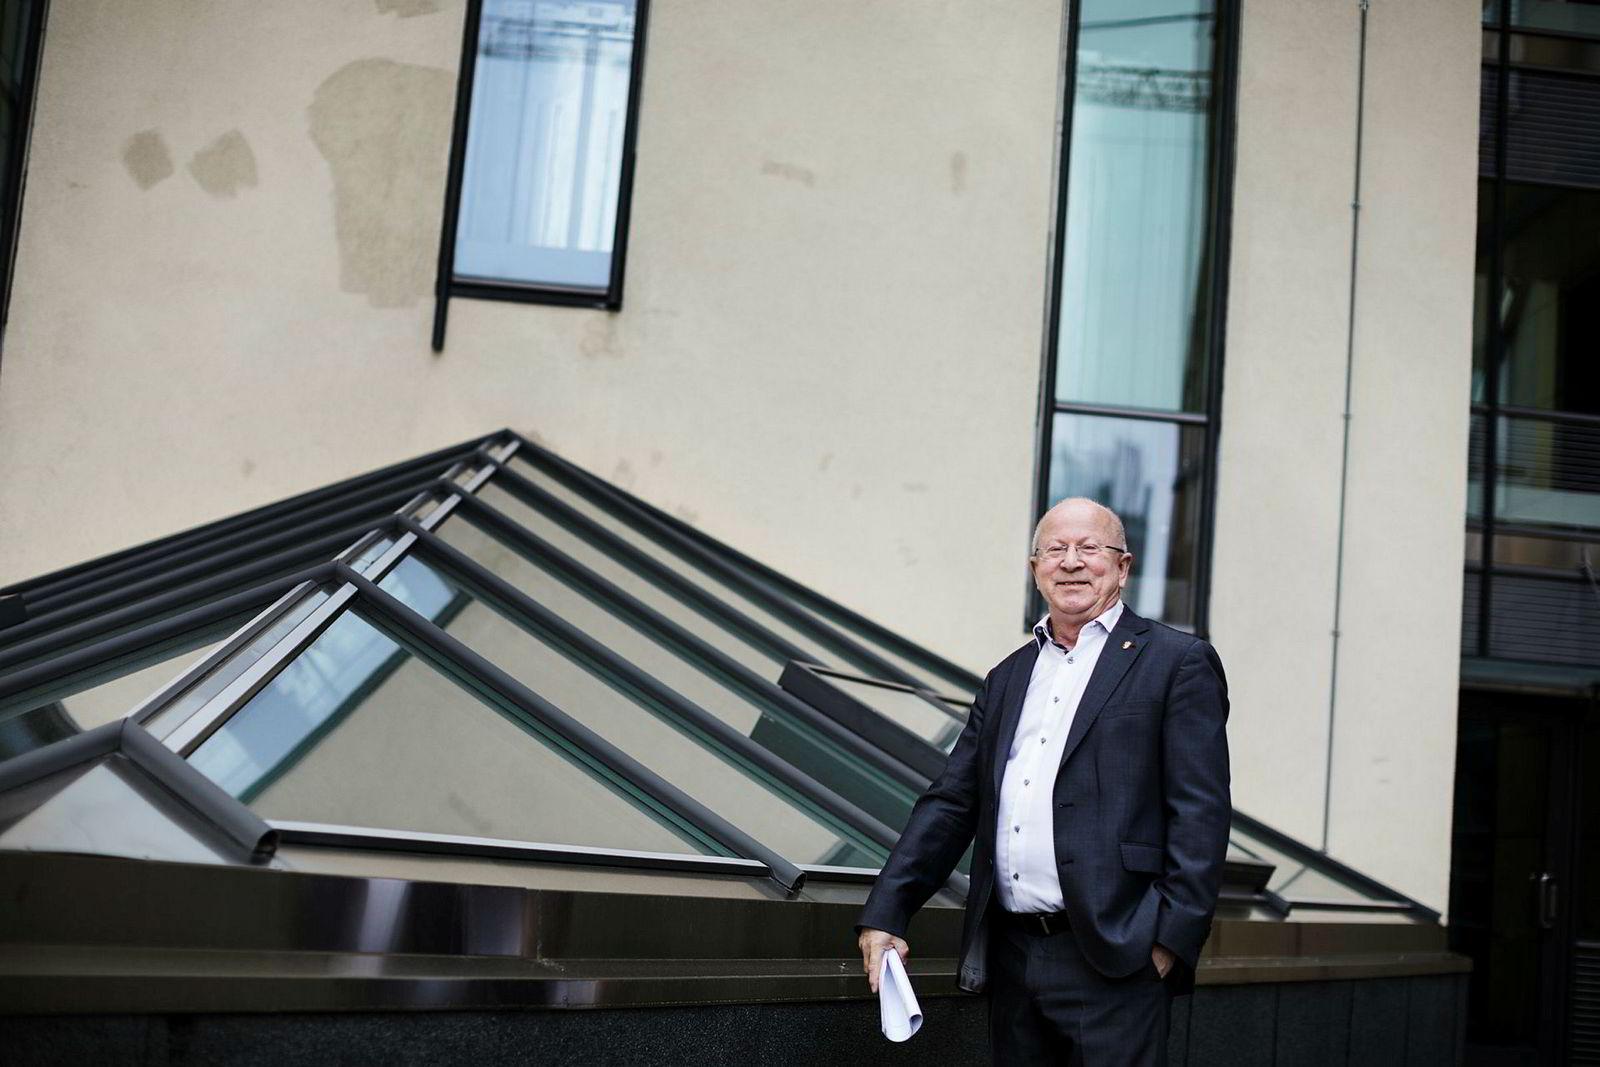 –Vi får veldig mye igjen da, sier direktør Torstein Olsen i Nkom om de høye norske mobilprisene.